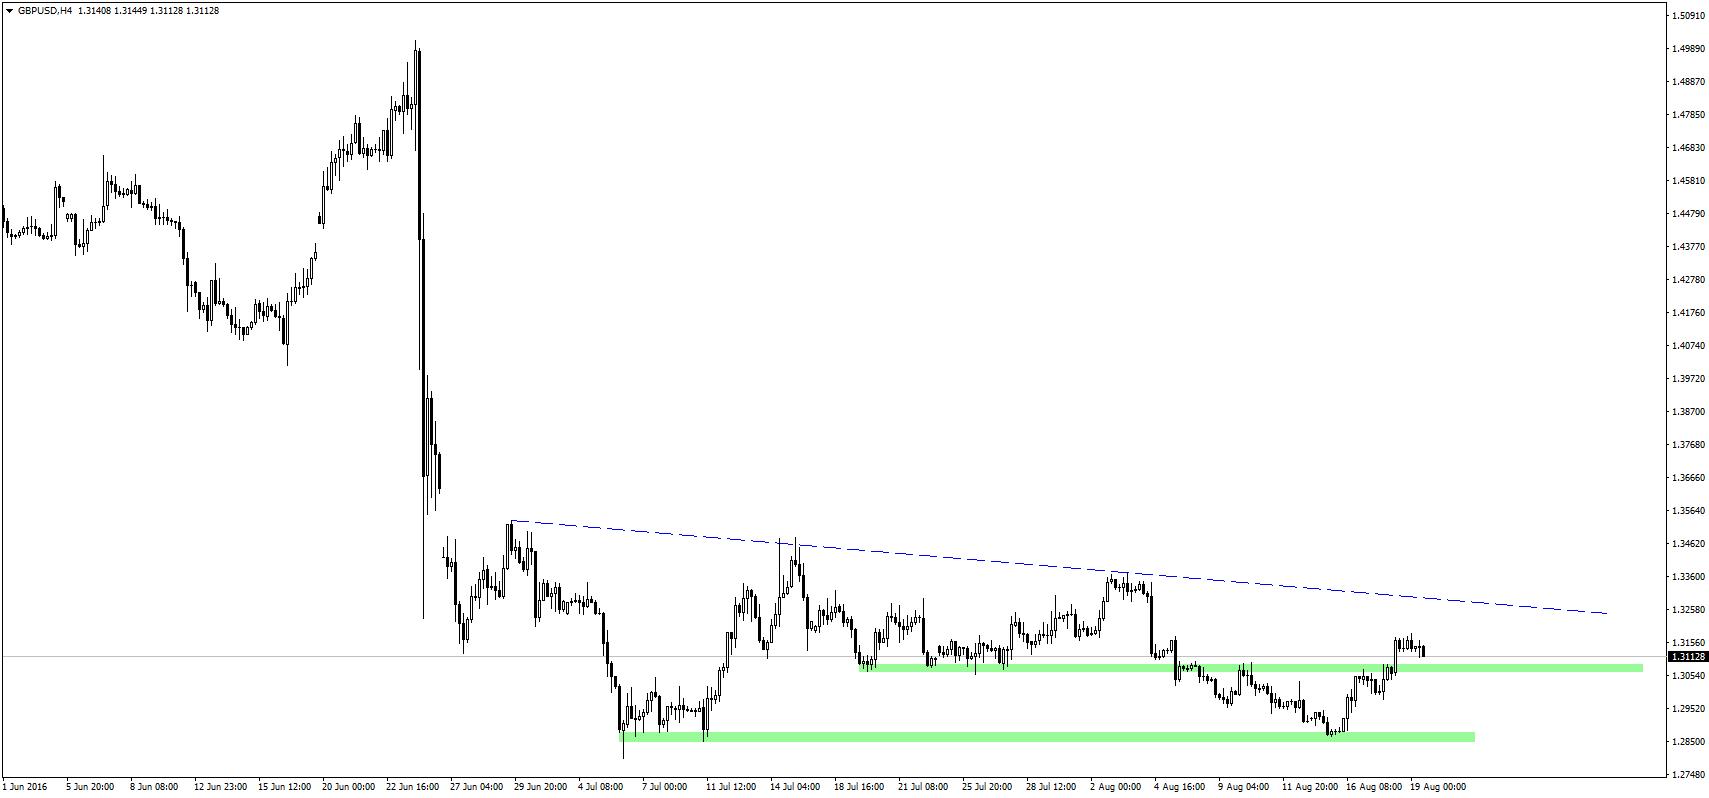 GBP/USD pokonało wczoraj okolice 1,3075. Obecnie strefa ta stanowi wsparcie na wykresie.